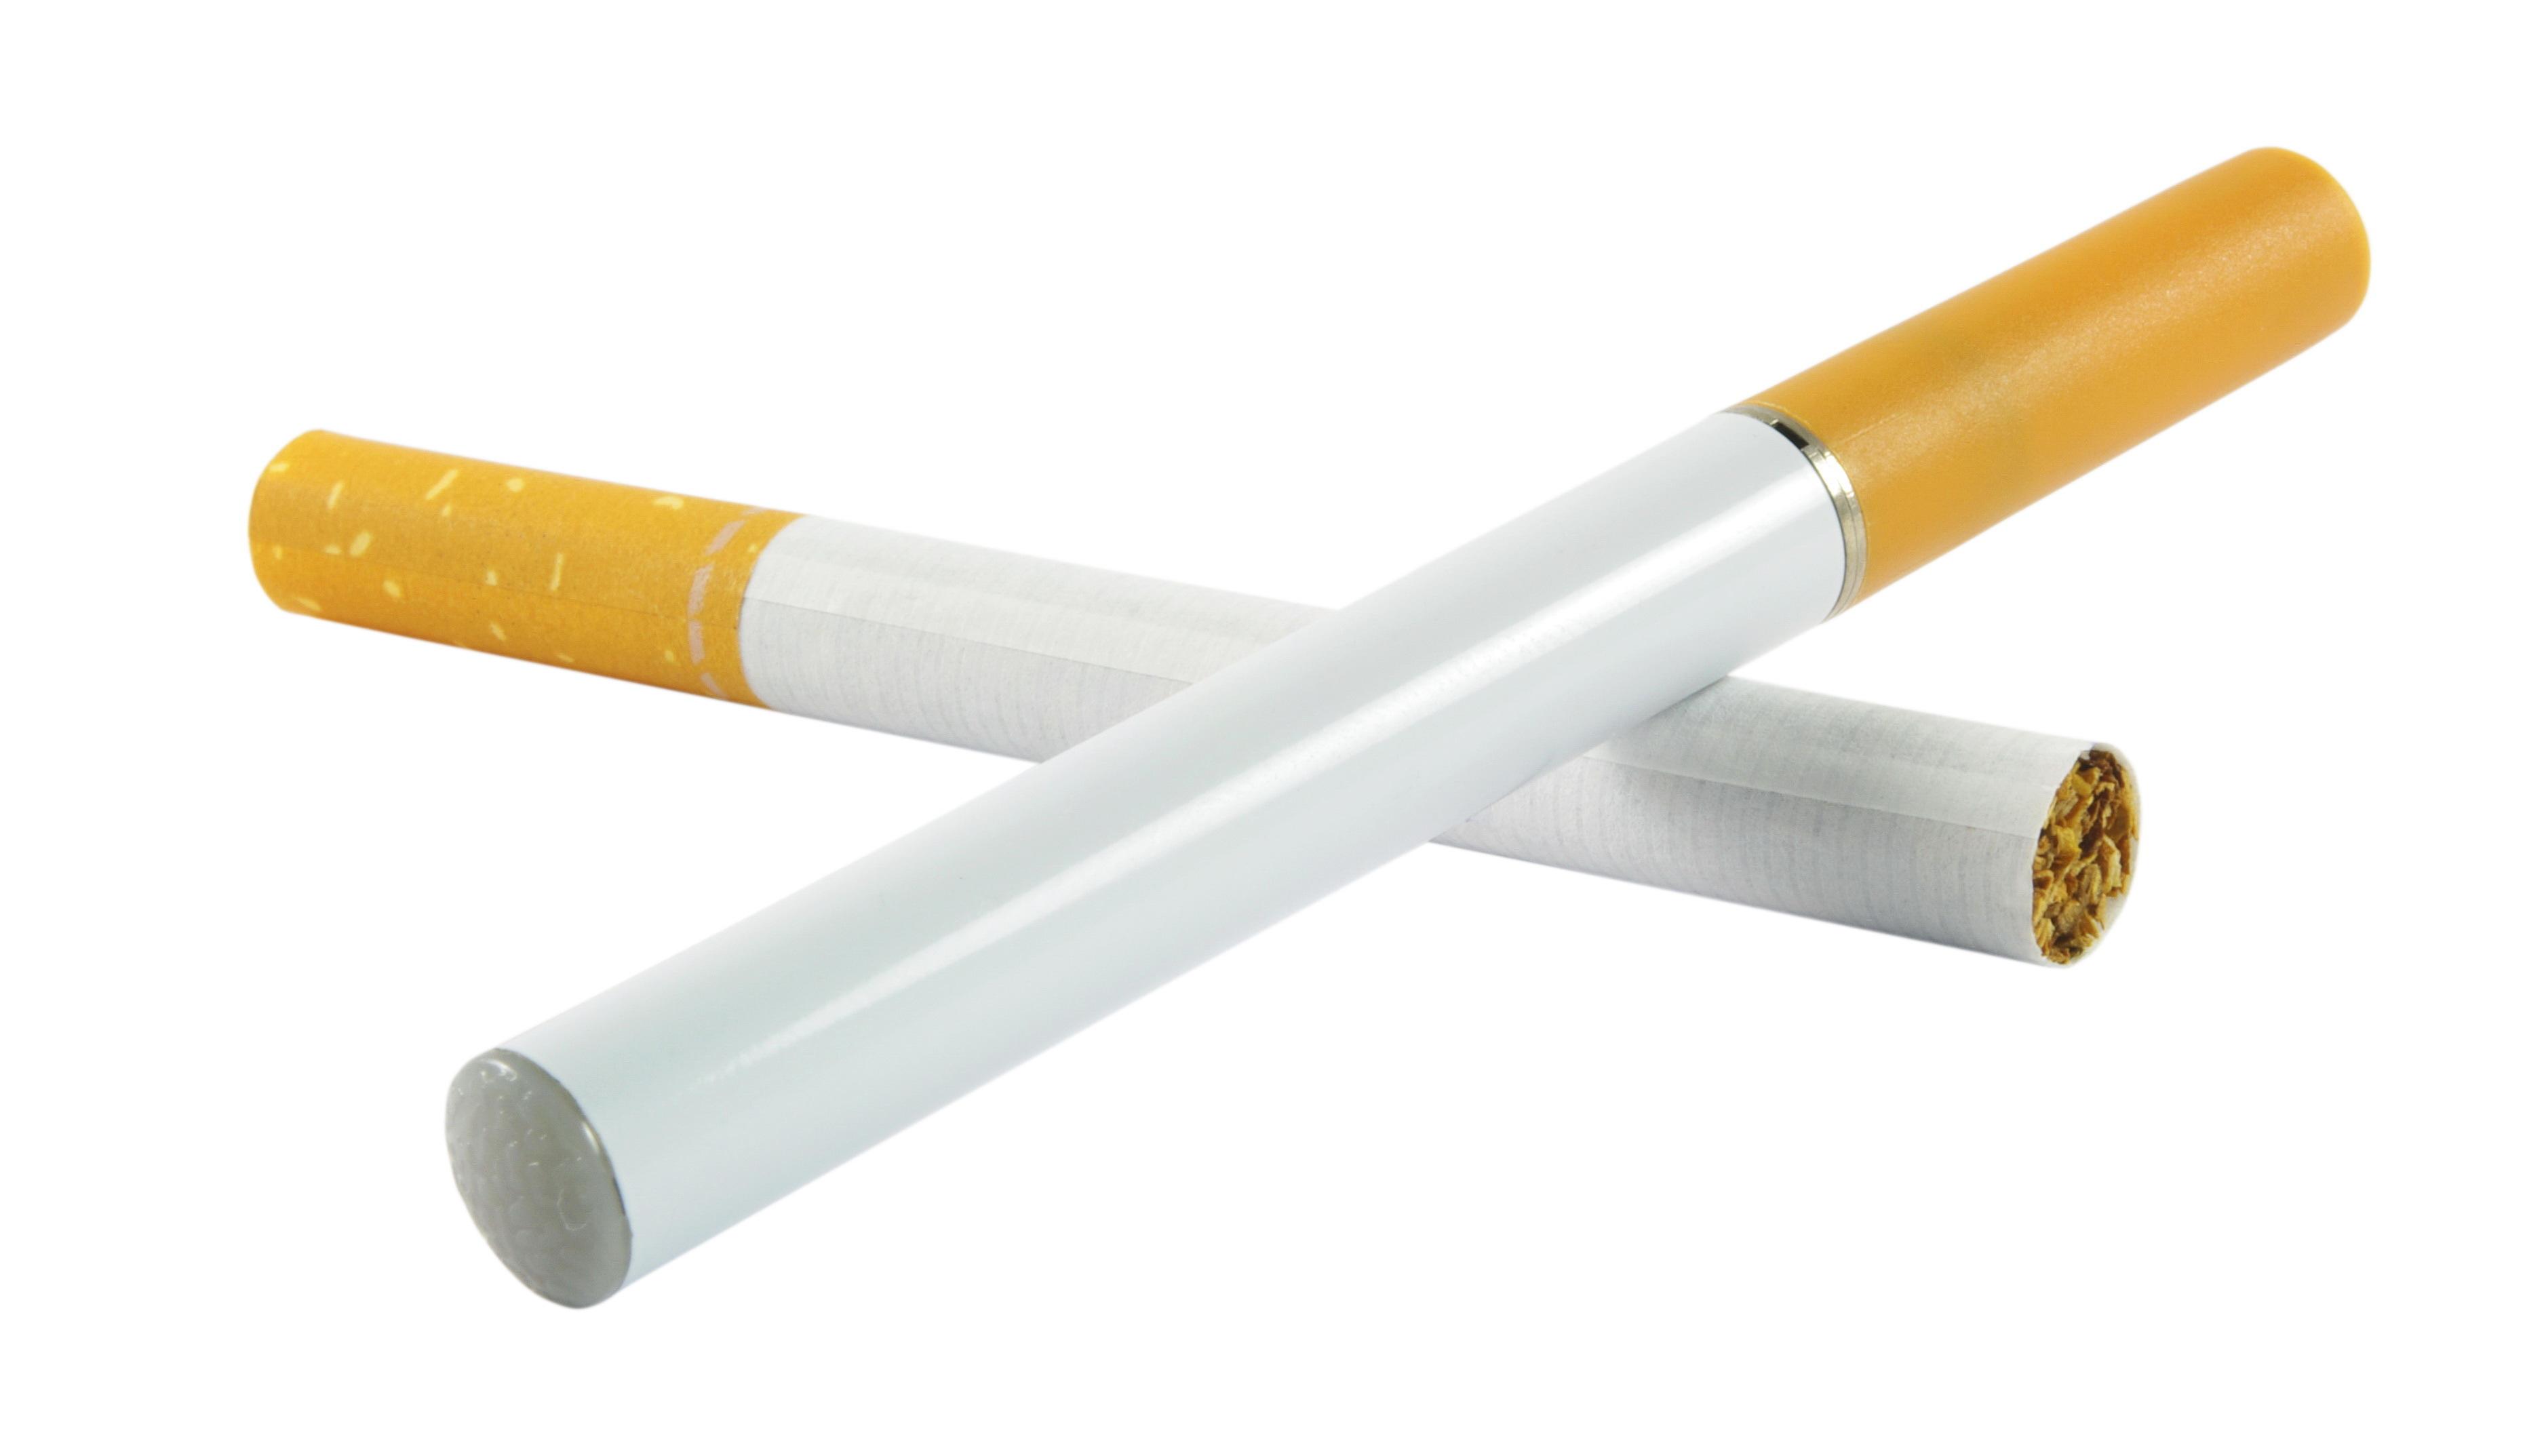 السجائر الالكترونية: هل هي مجرد خرافة للاقلاع عن التدخين؟